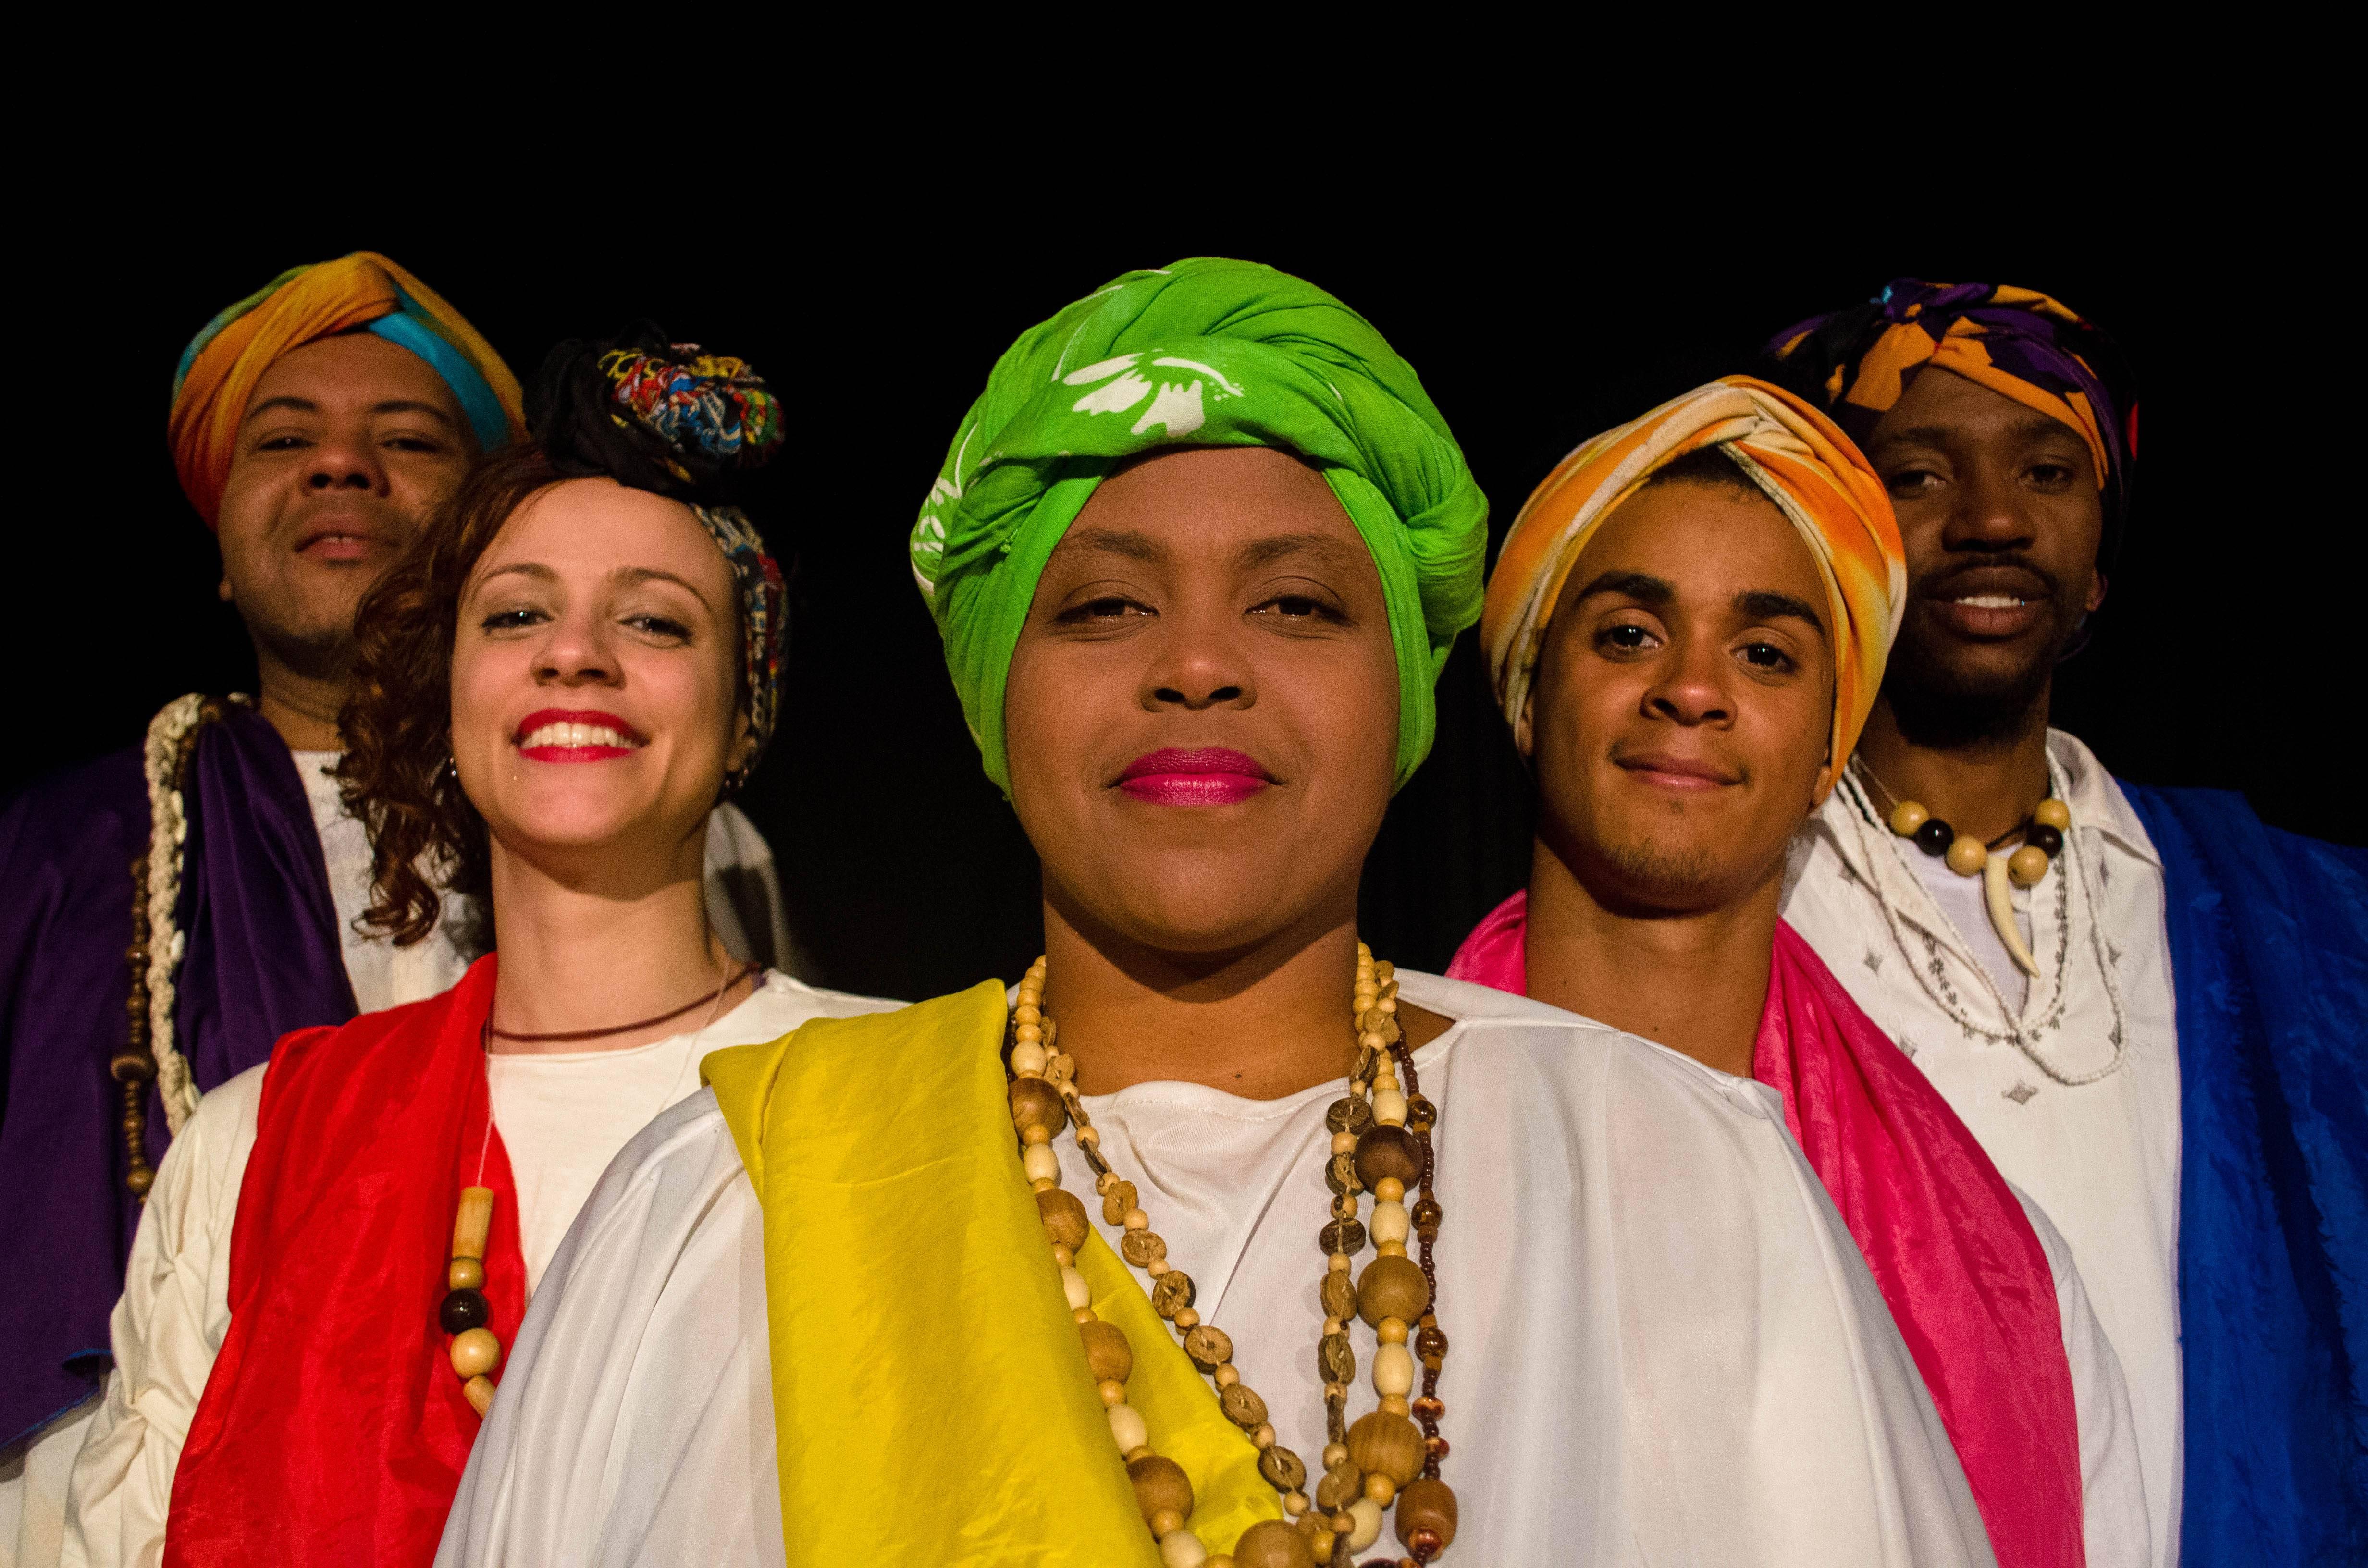 Peça apresenta mitos e lendas africanas para crianças